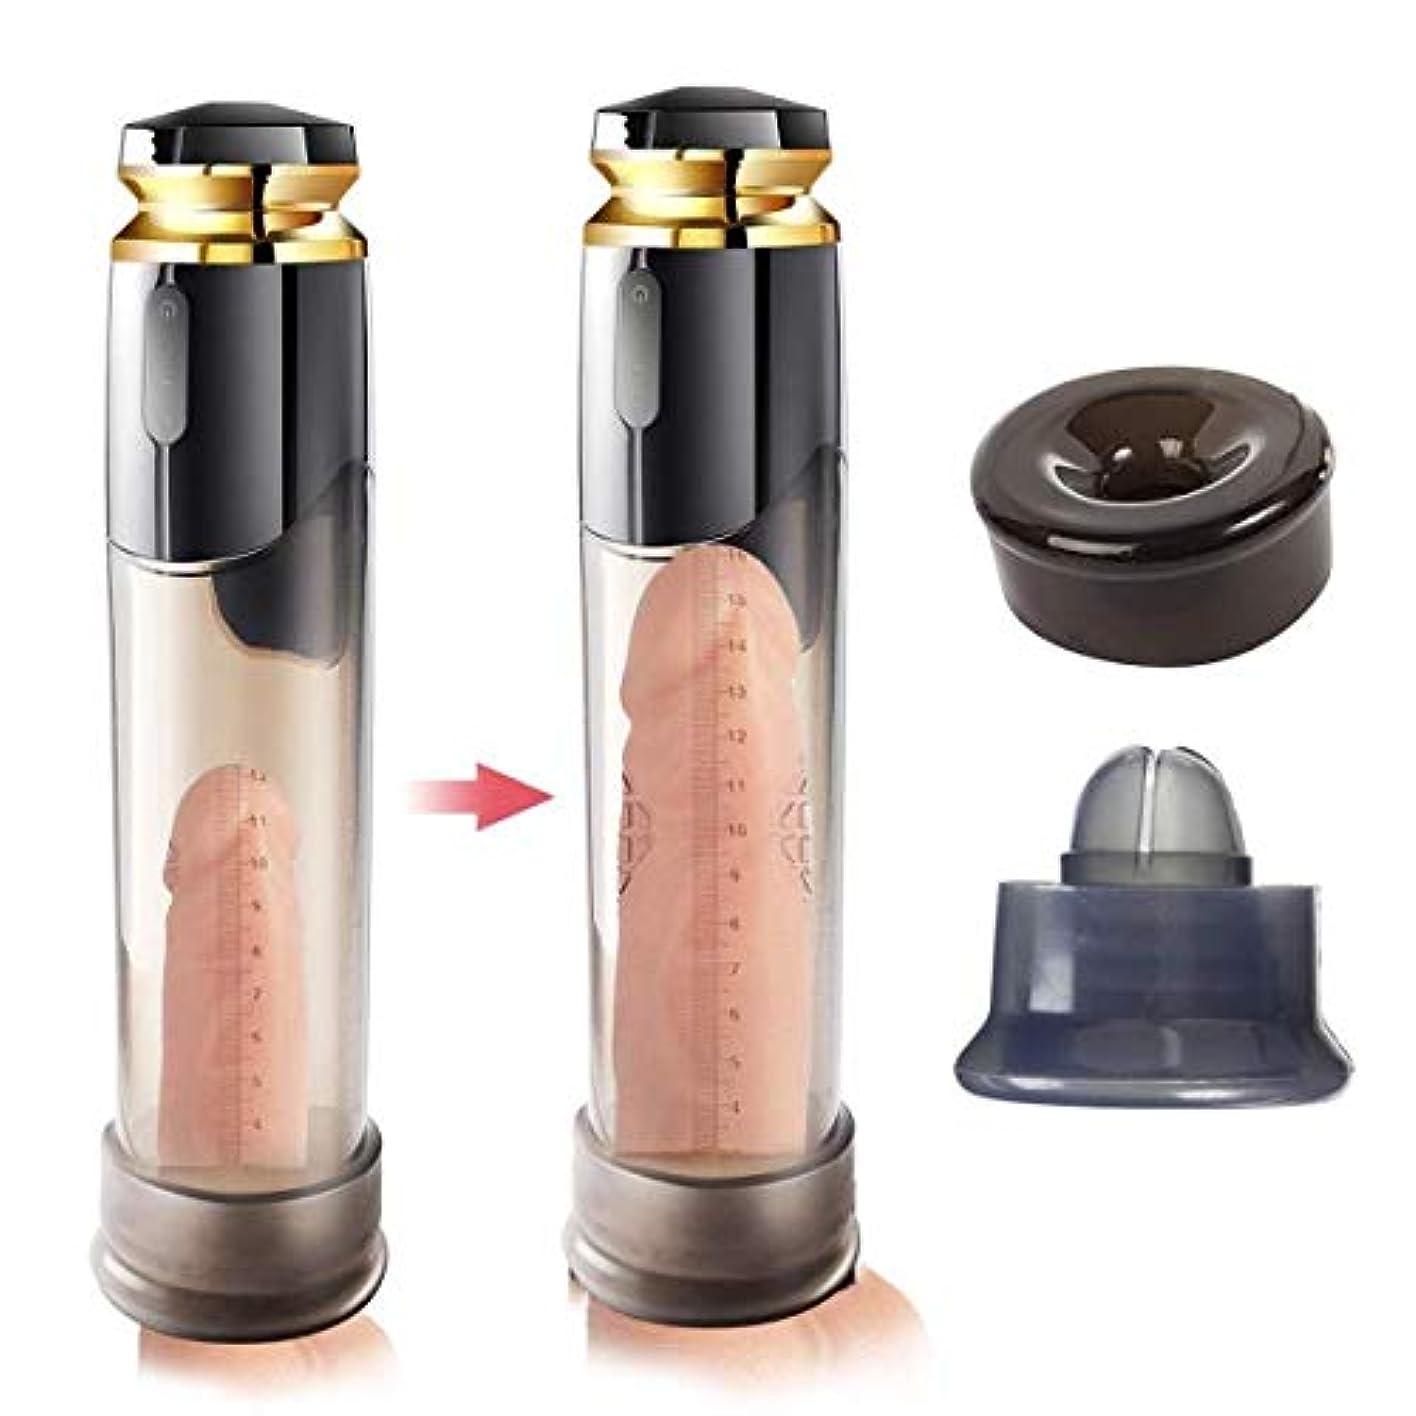 DFChenXi - 運動 現実的な12インチ男性ポンプ拡大男性真空圧マッサージカップエア拡大器拡張プロロンエンハンサーエレクトリックエア圧設定長さトレーニングデバイス 安全性